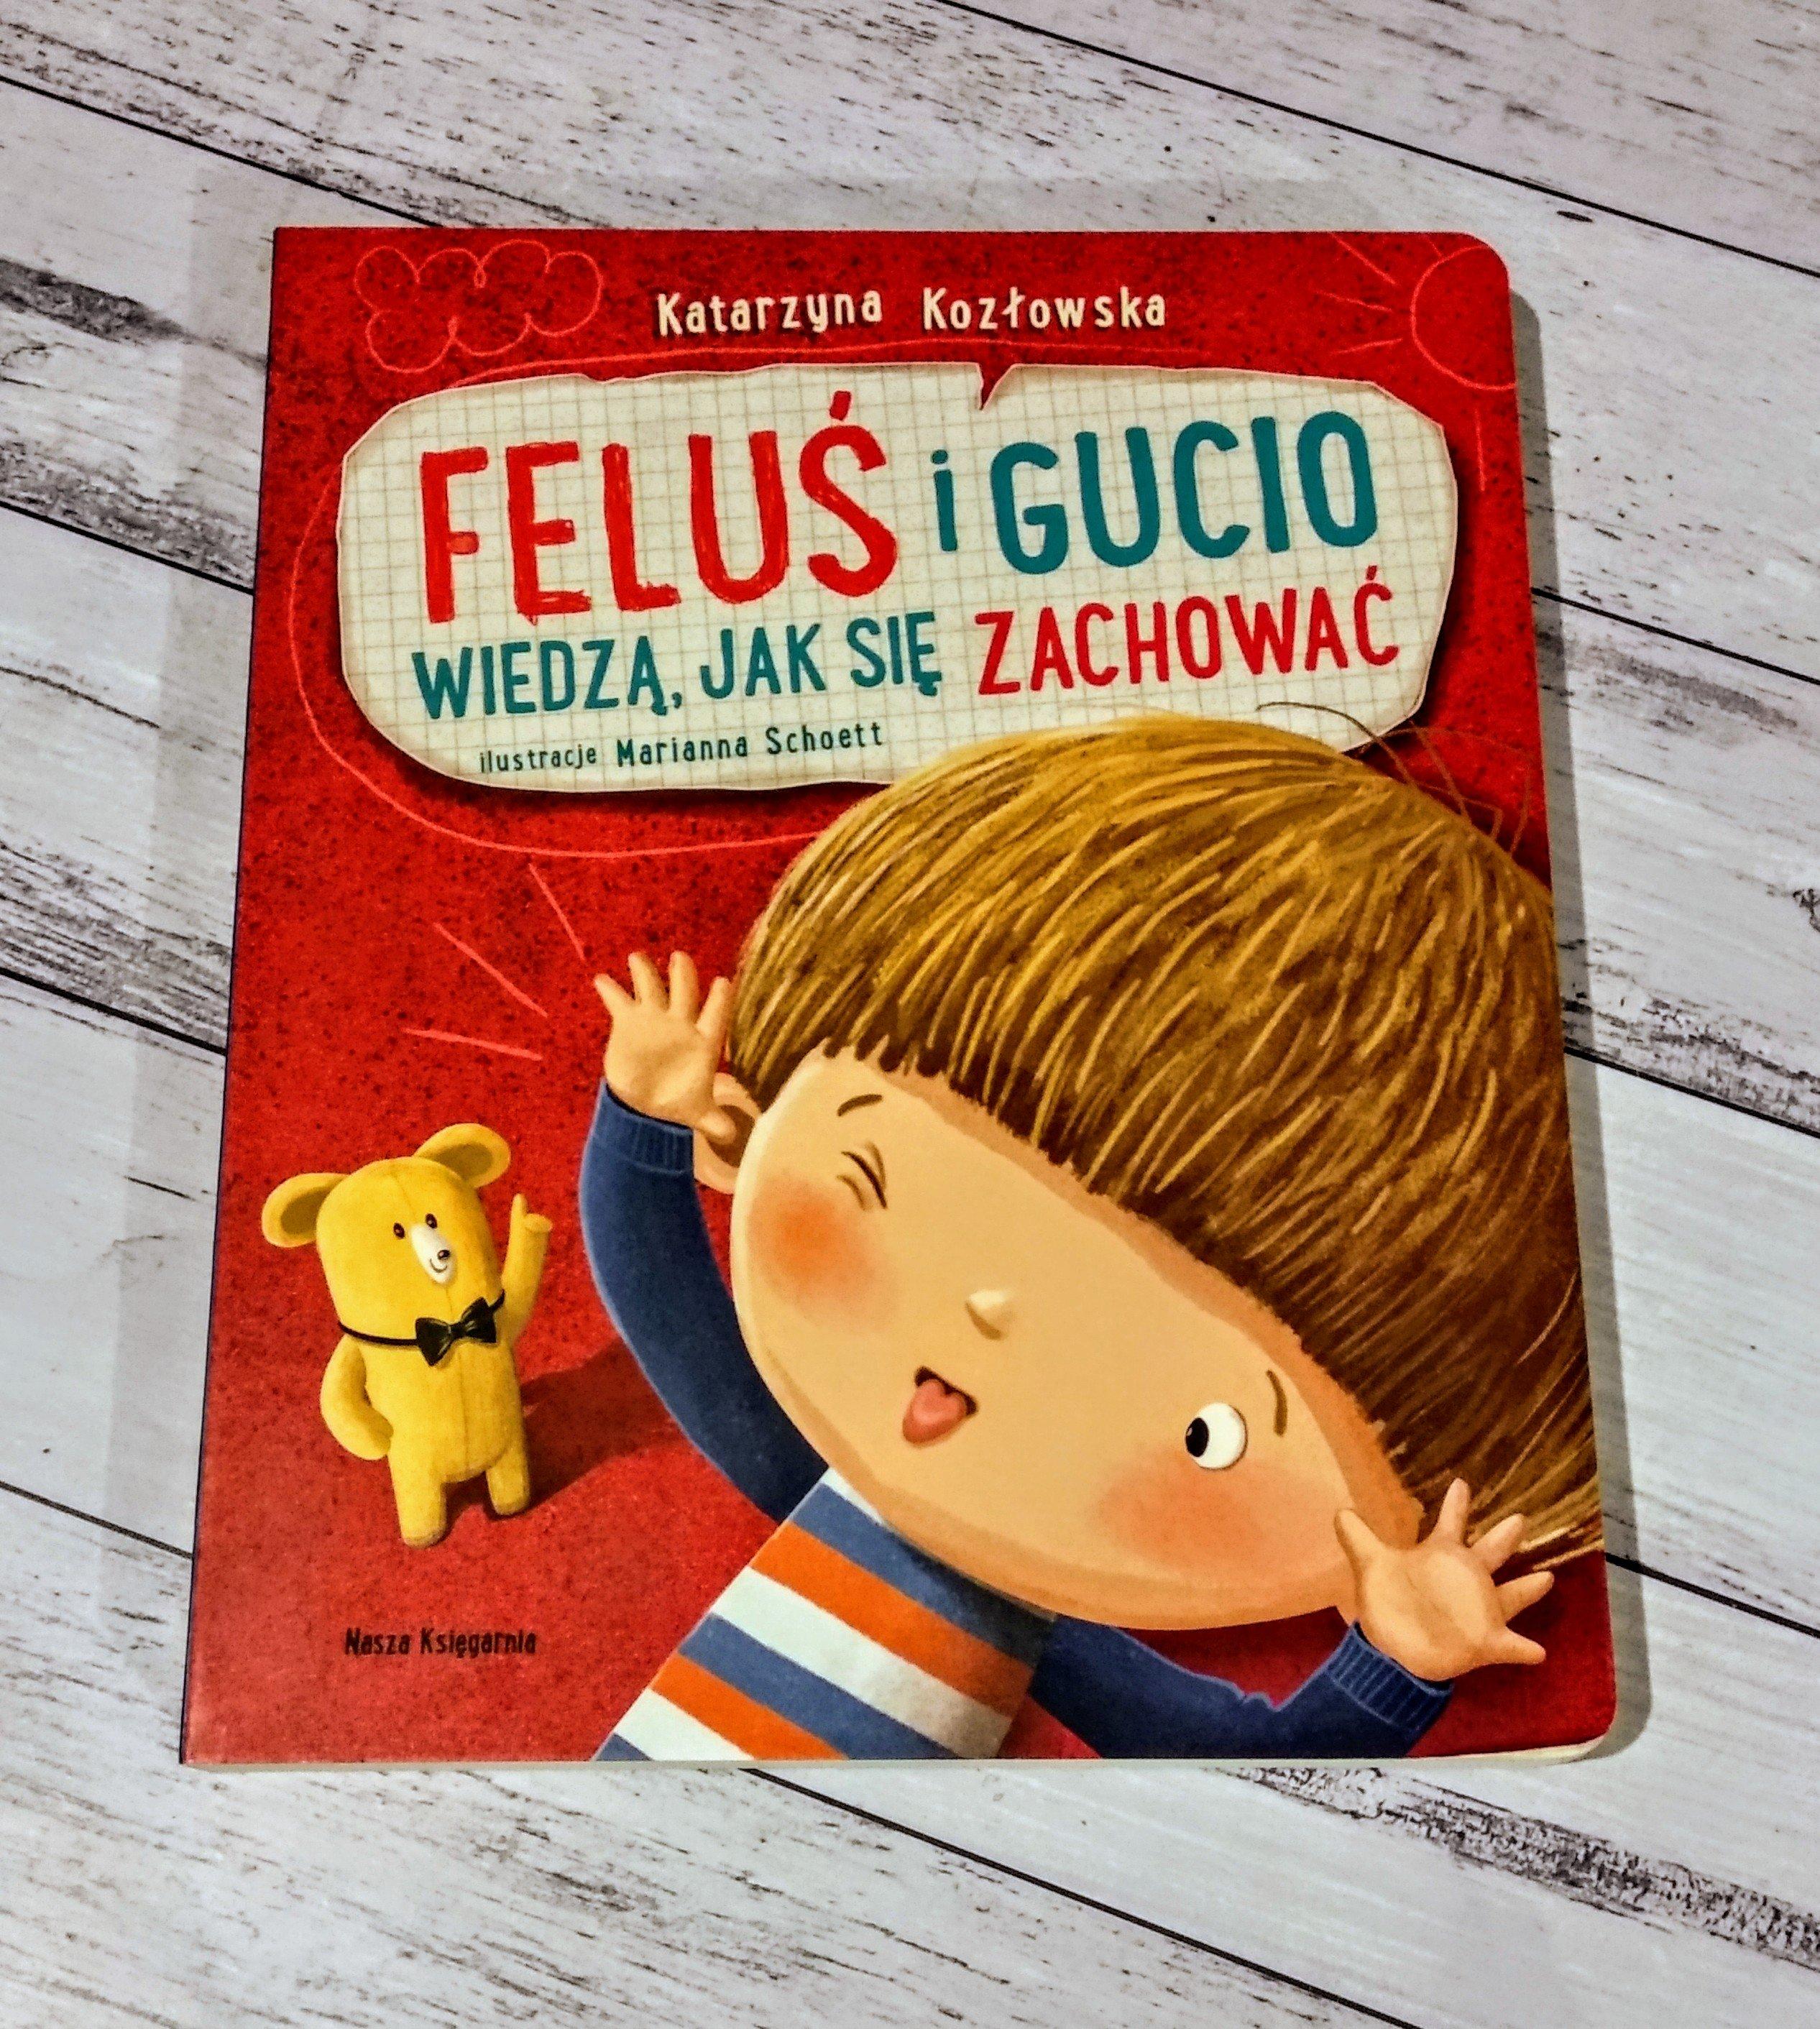 img 20190630 2051144003086053236152606 - Feluś i Gucio wiedzą jak się zachować - Katarzyna Kozłowska